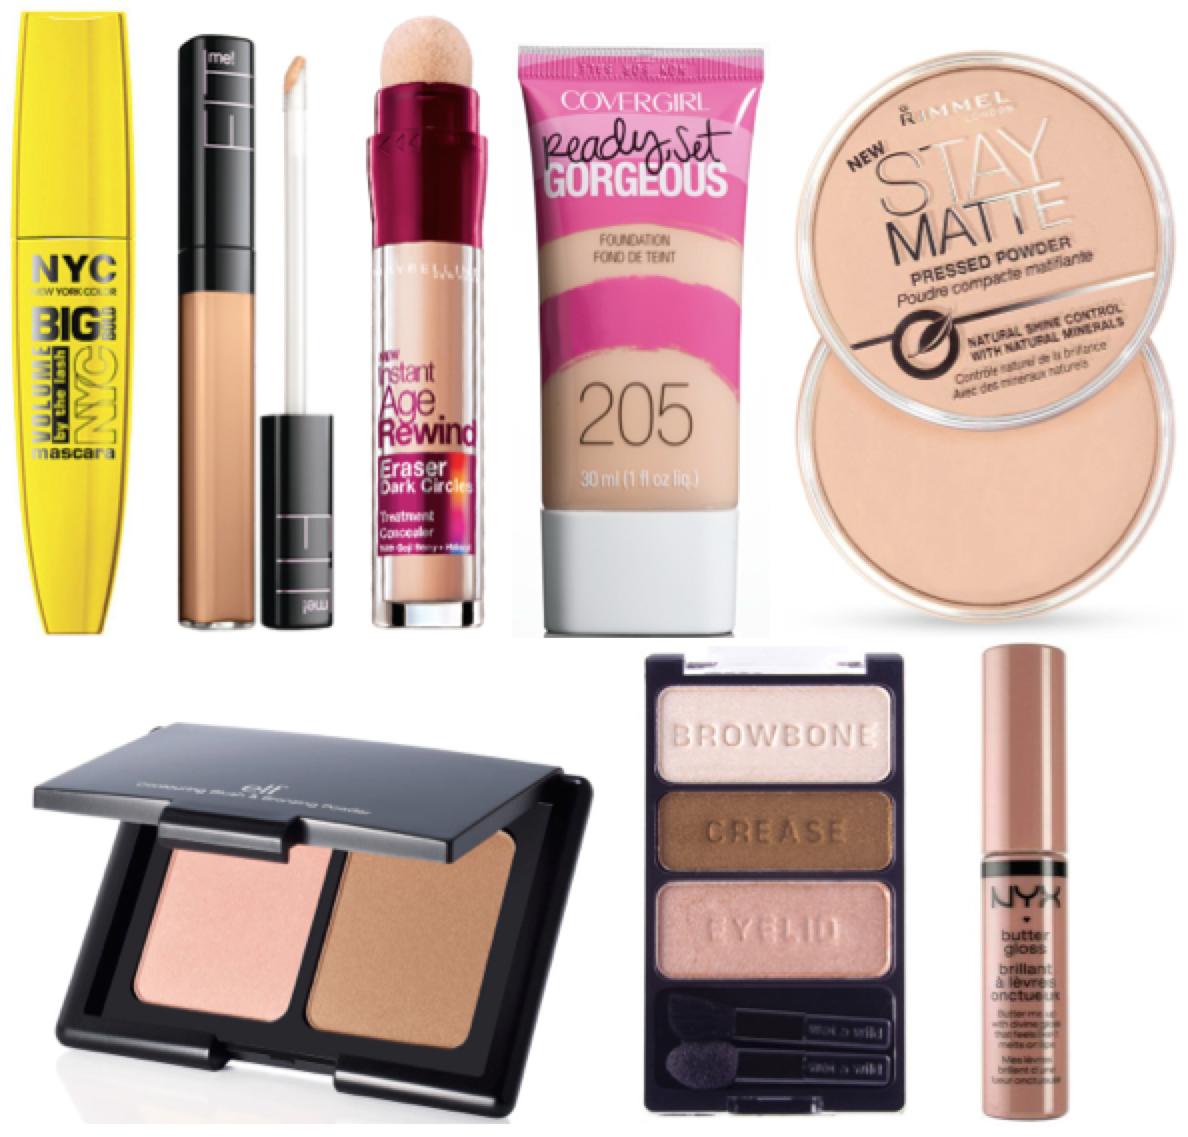 Beginner's Makeup Kit for Under $50 - Polished | Beginner makeup kit, Makeup  kit, Makeup for beginners